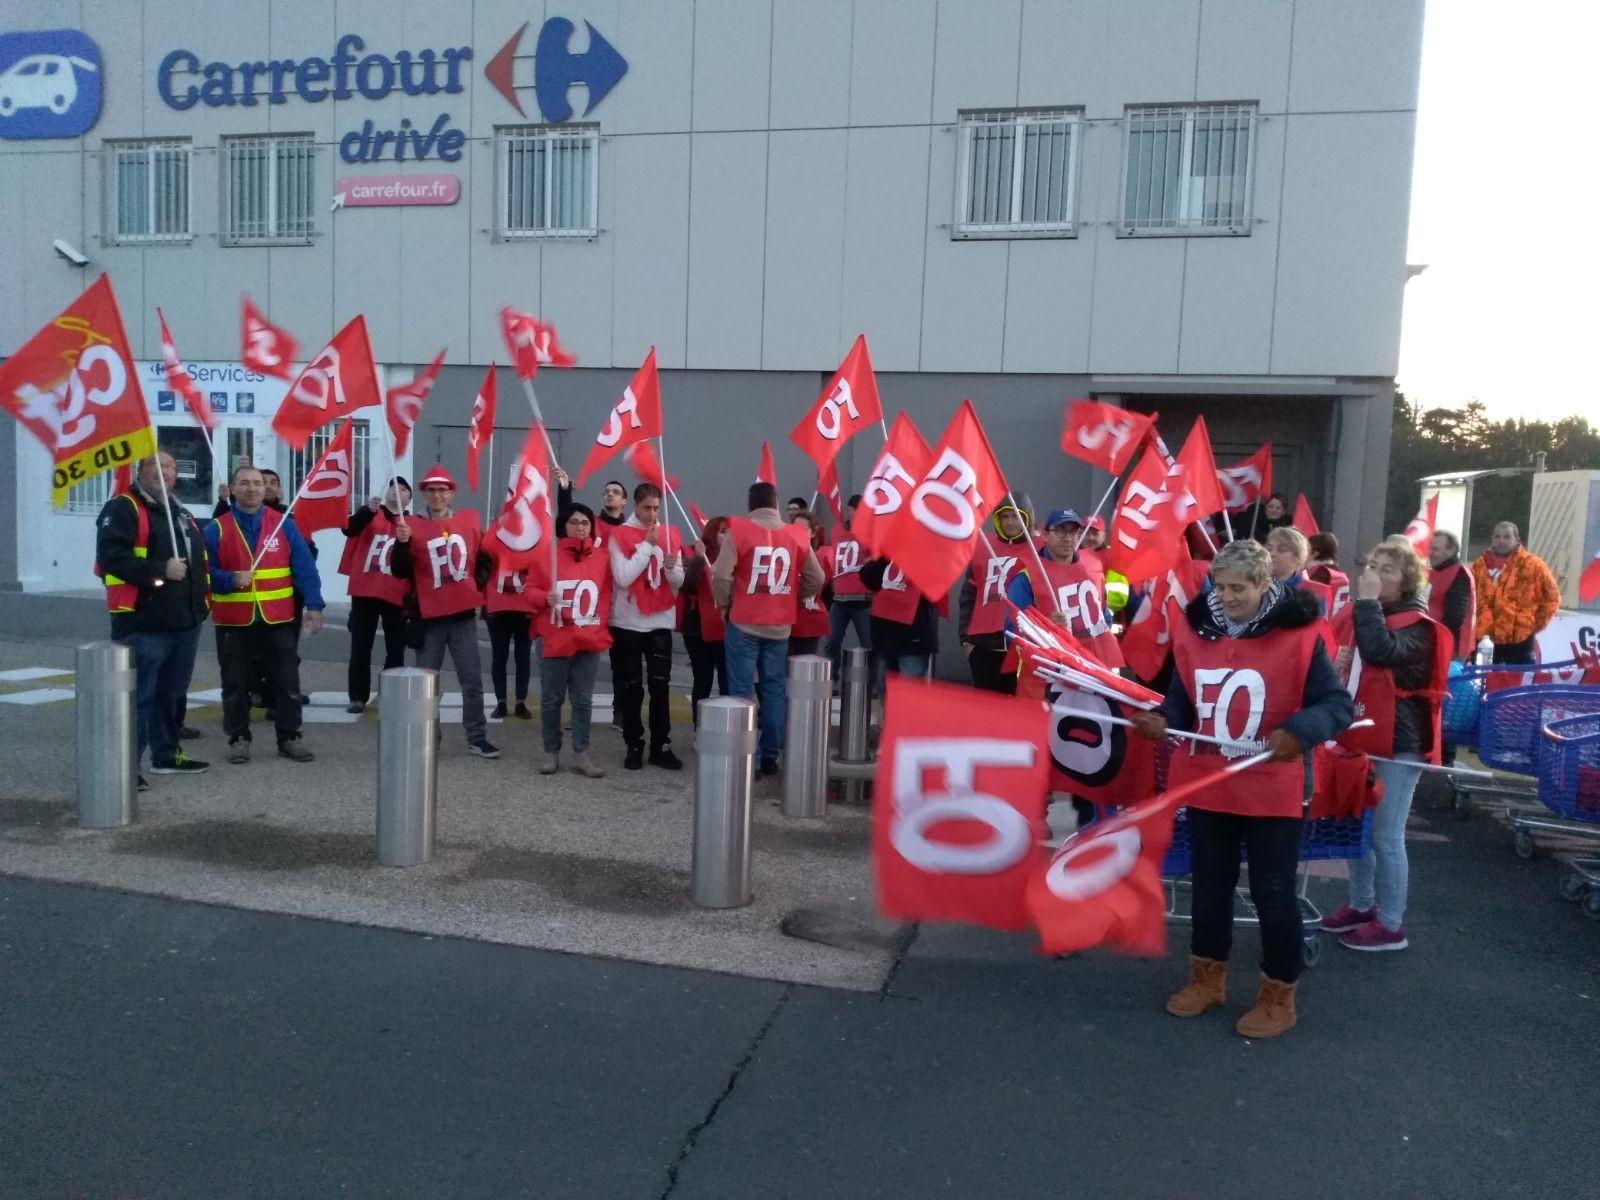 Carrefour Vaulx En Velin Overture. dedans Carrefour 7 Chemins